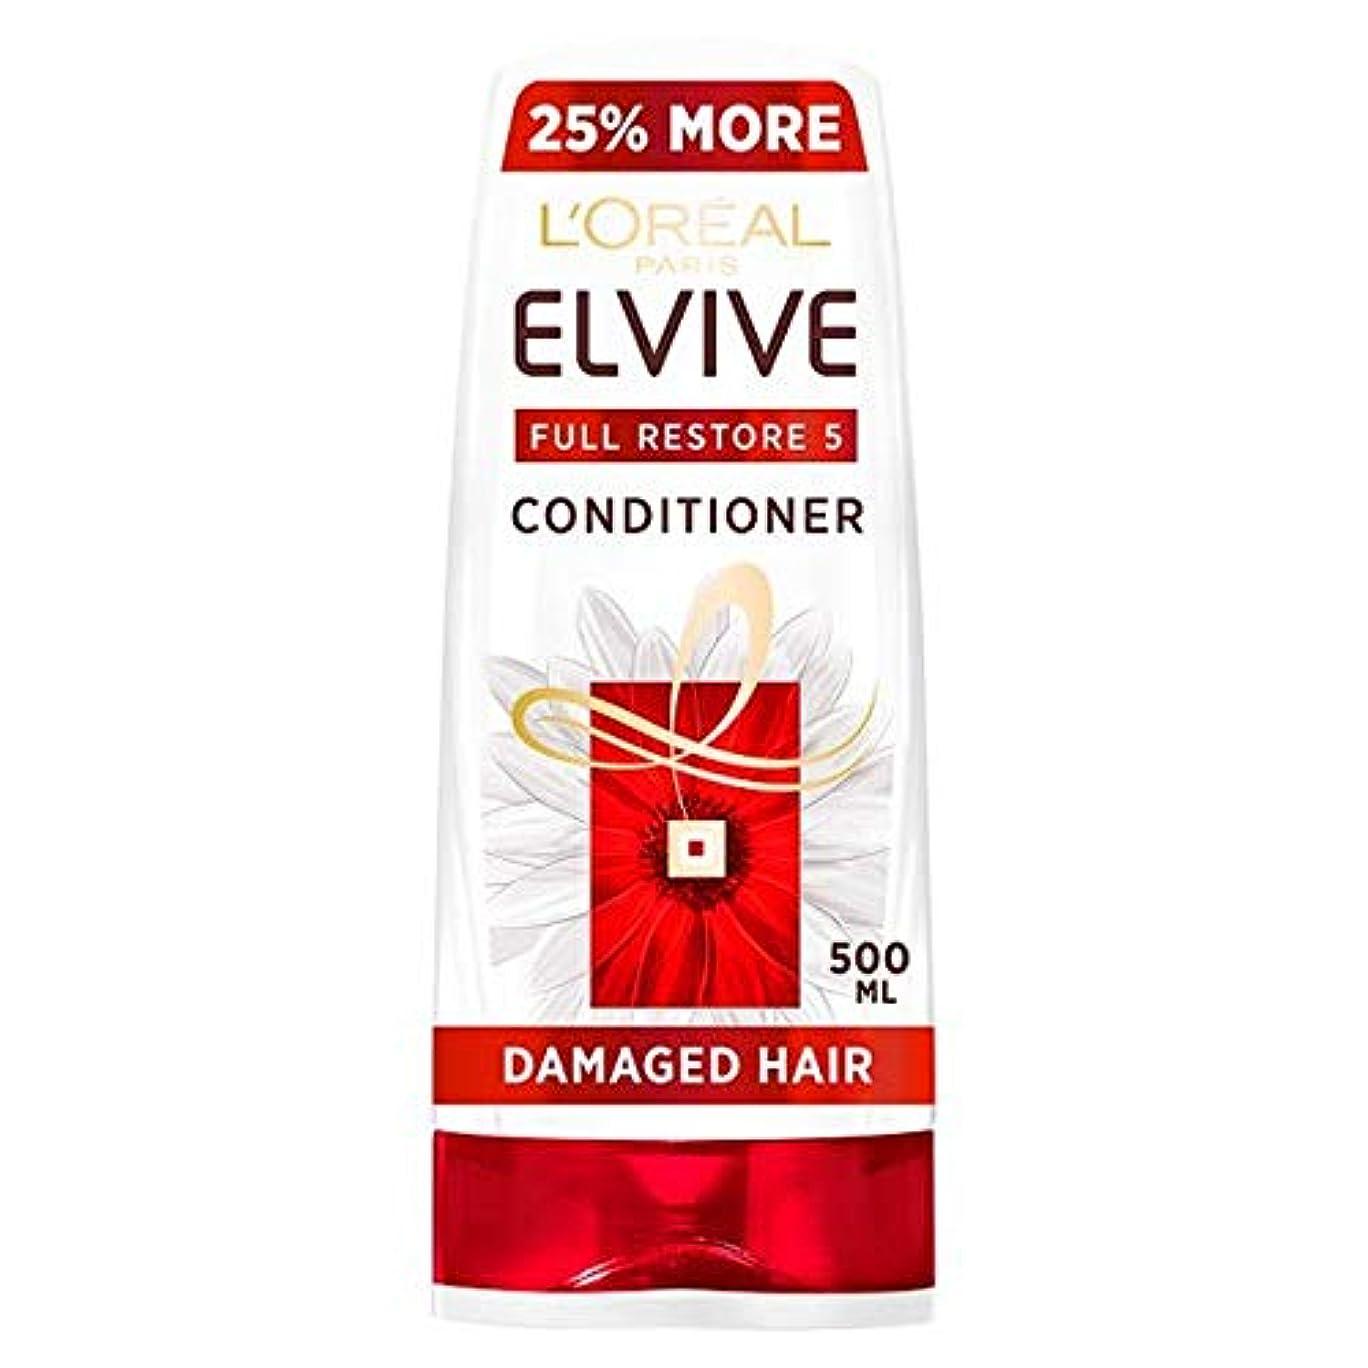 ブラインド里親重なる[Elvive] ロレアルElvive極度のダメージヘアコンディショナー500ミリリットル - L'oreal Elvive Extreme Damaged Hair Conditioner 500Ml [並行輸入品]